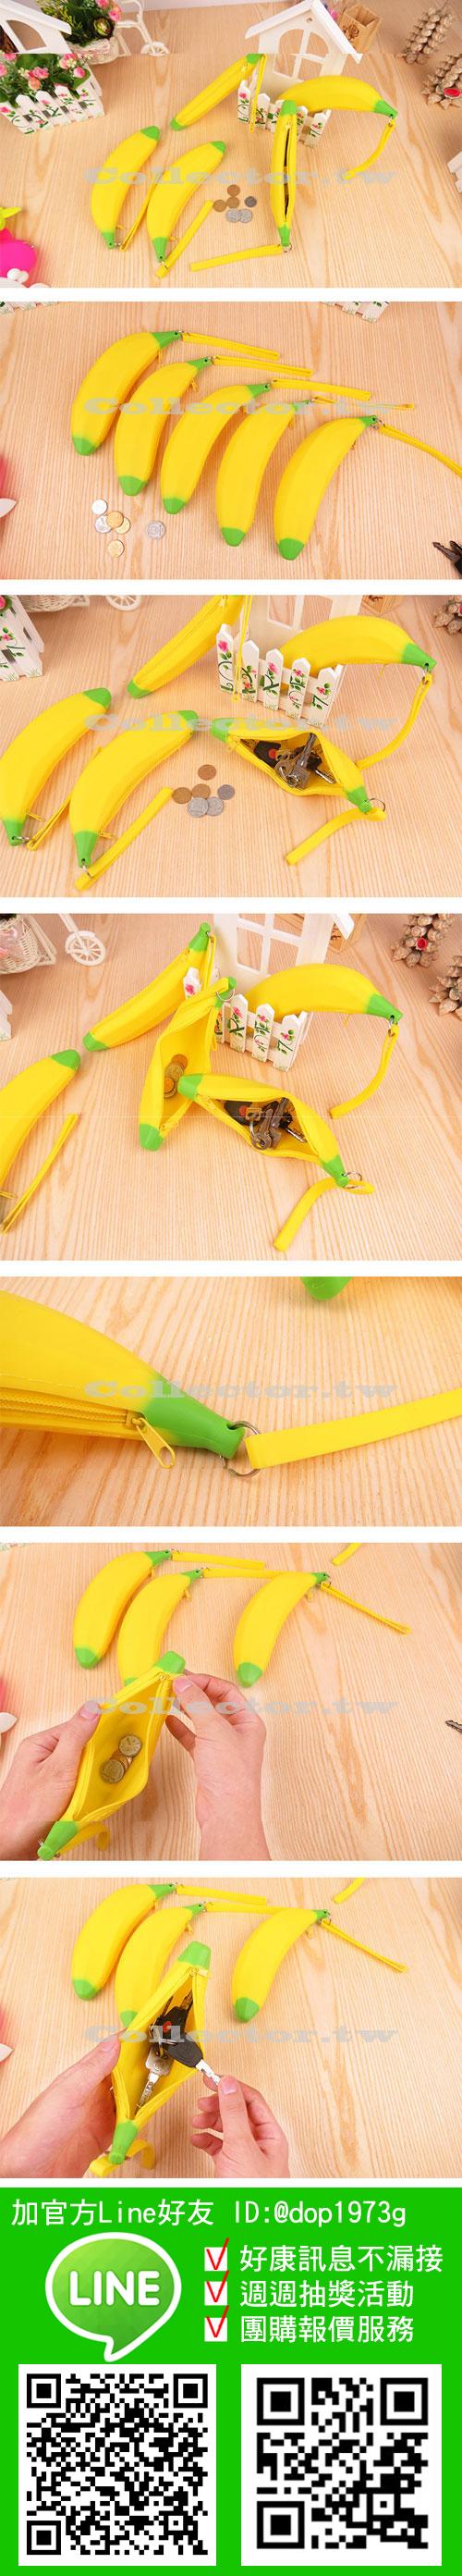 韓版超萌黃色香蕉矽膠筆袋零錢包 收納包 創意包 圖示介紹1